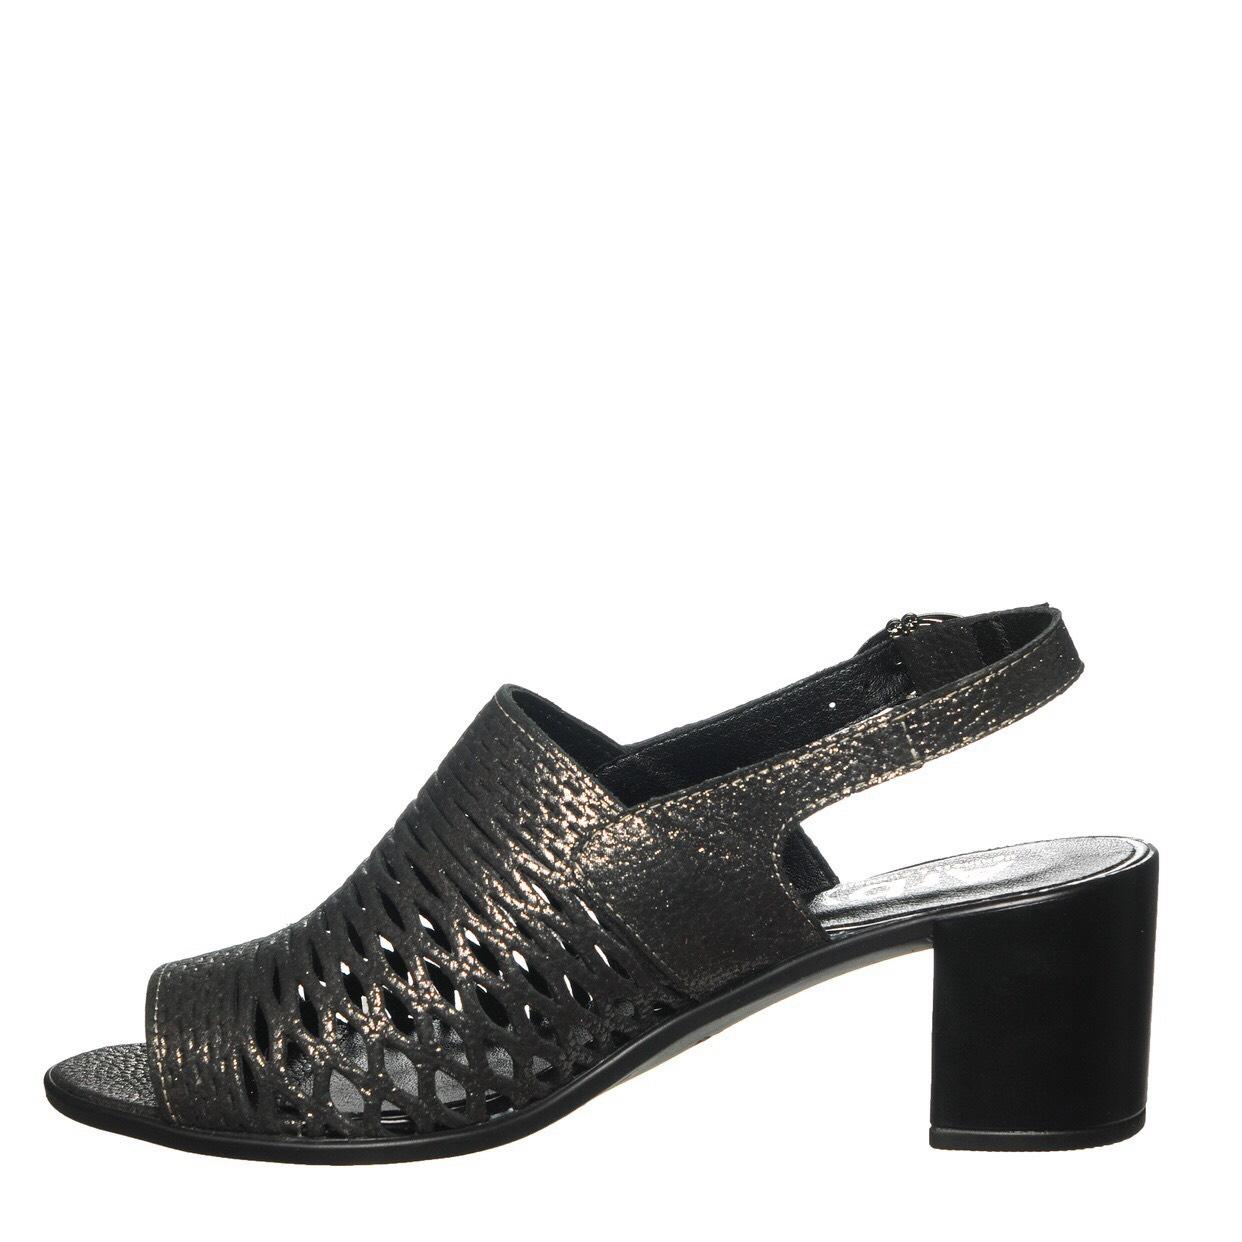 a2df68e0b13d Предложение на женскую летнюю обувь Arby - отличные цены опта уже на ...